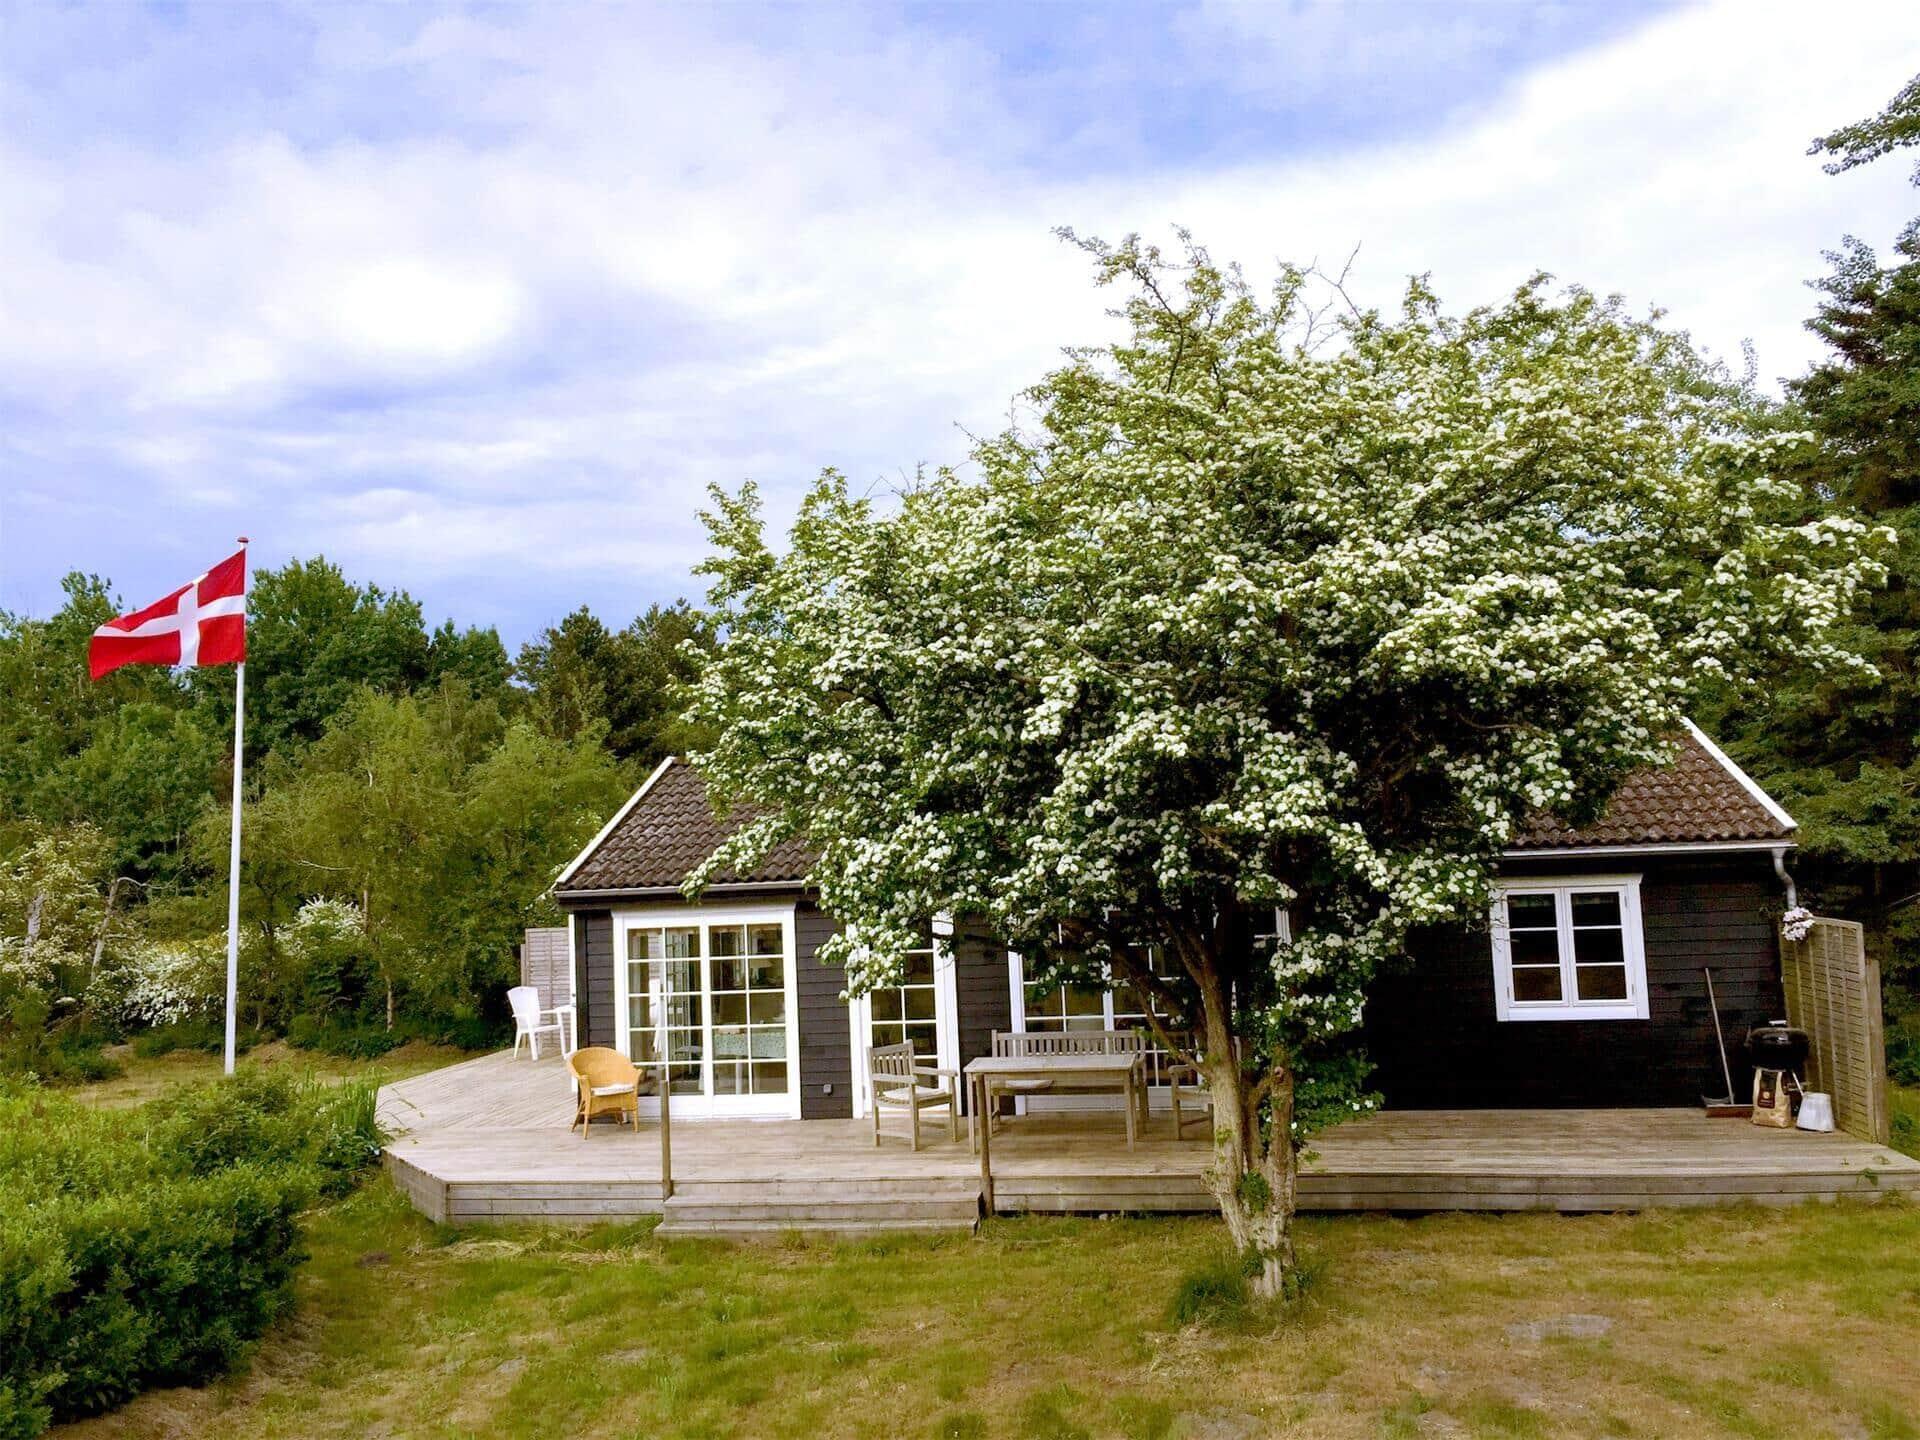 Bild 1-17 Ferienhaus 12251, Bülowsvej 9, DK - 4583 Sjællands Odde